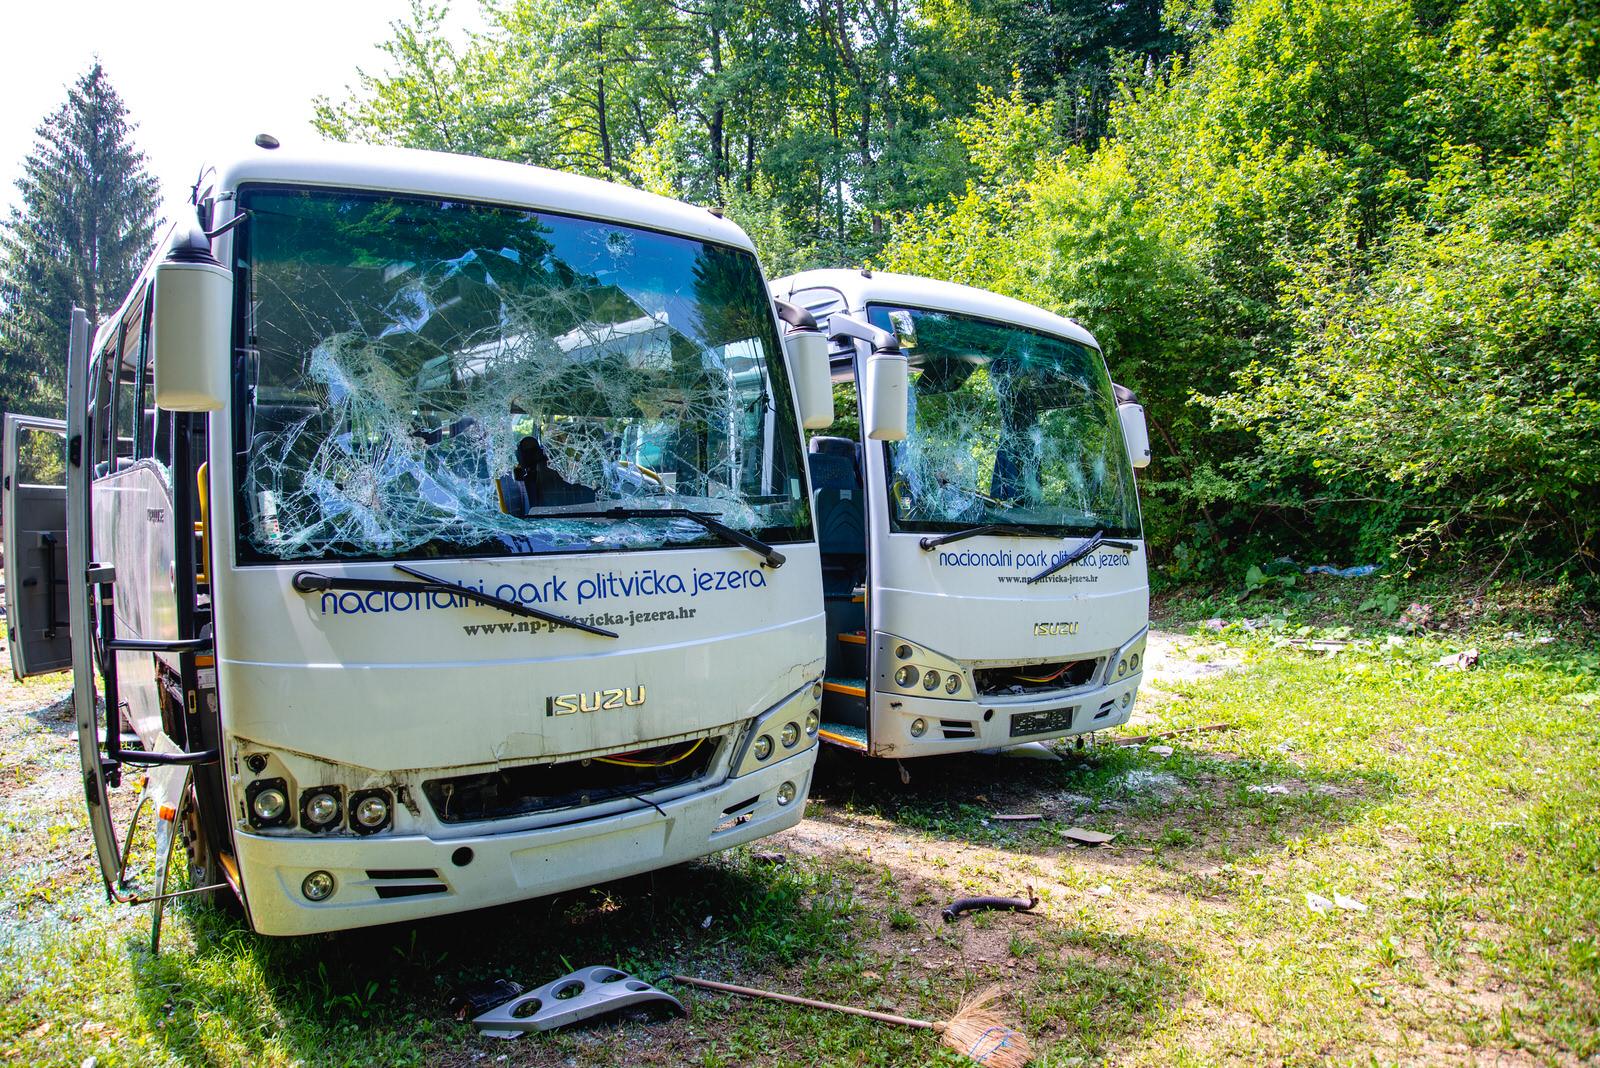 likaclub_autobusi plitvička jezera u mukinjama_11_8_2020 (8)